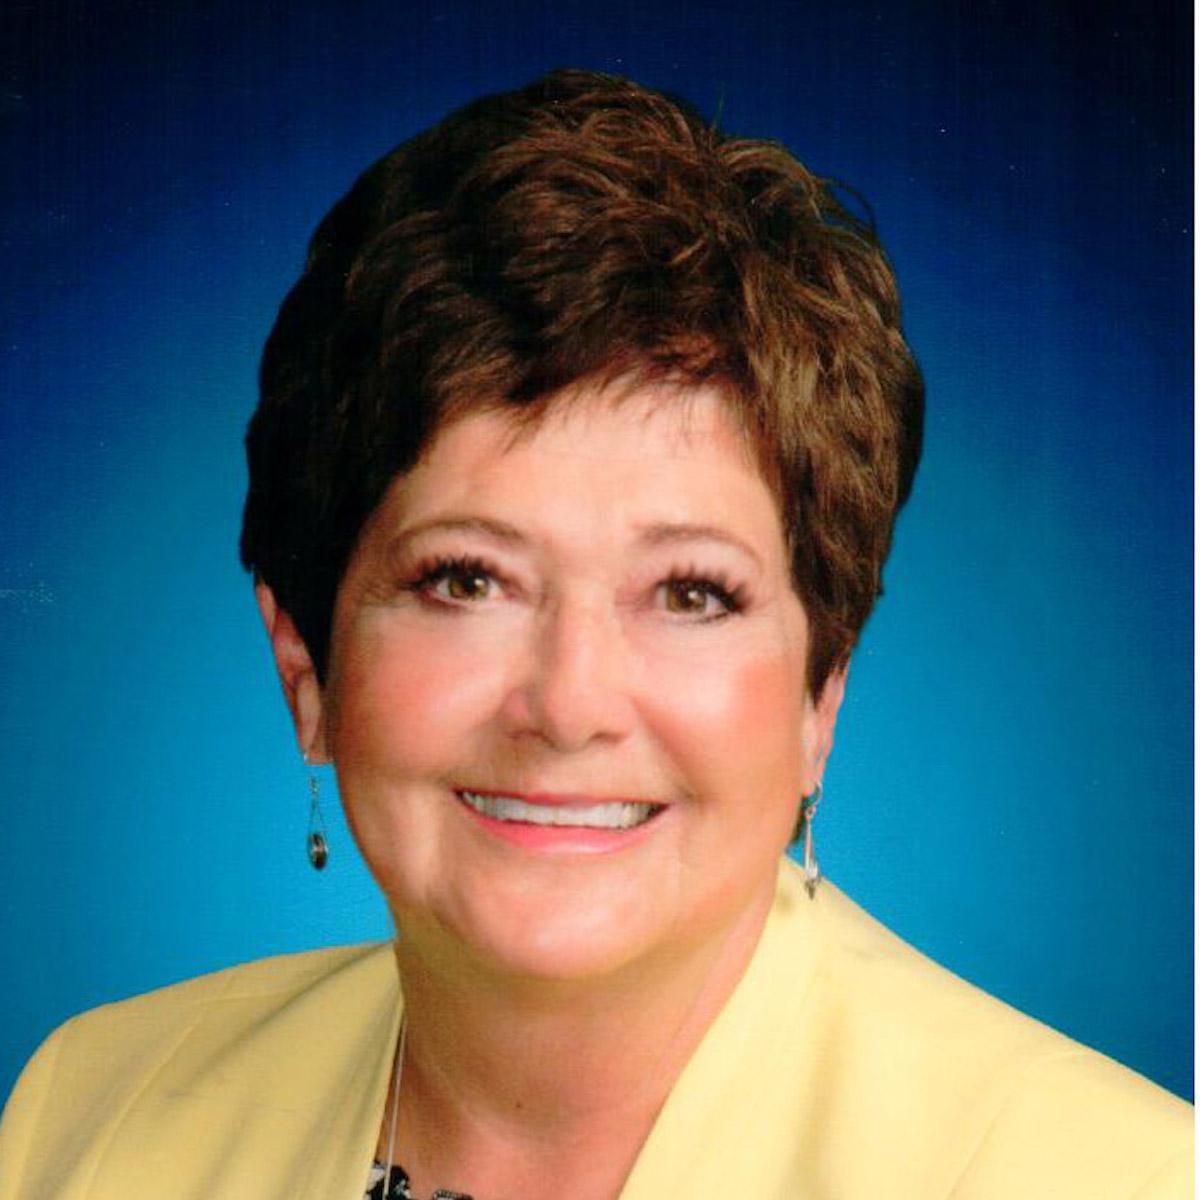 Jeanette Herbert